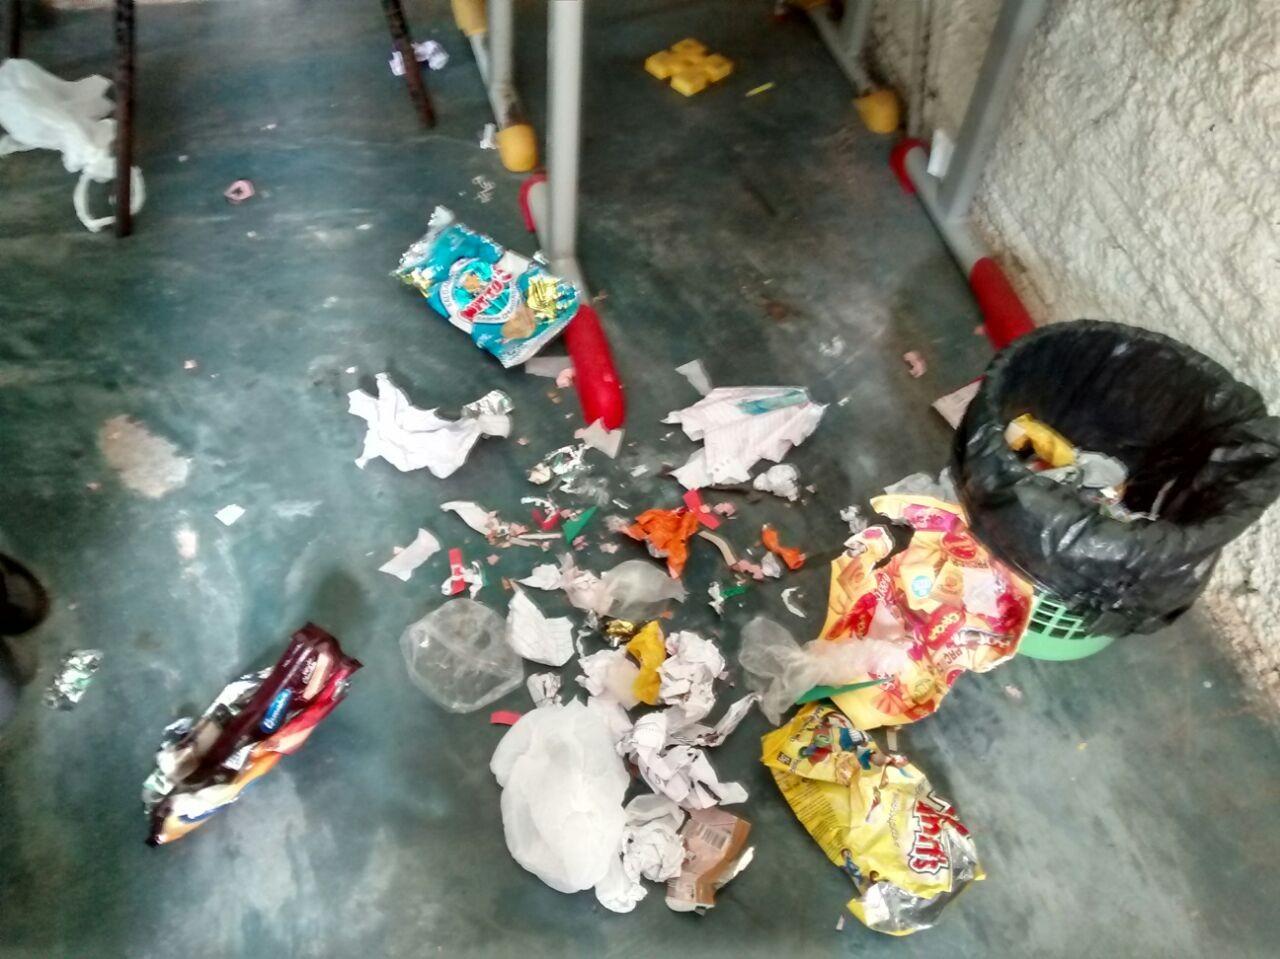 Mãe reclama de sujeira e falta de estrutura em escola municipal de vila em Rorainópolis, interior de RR